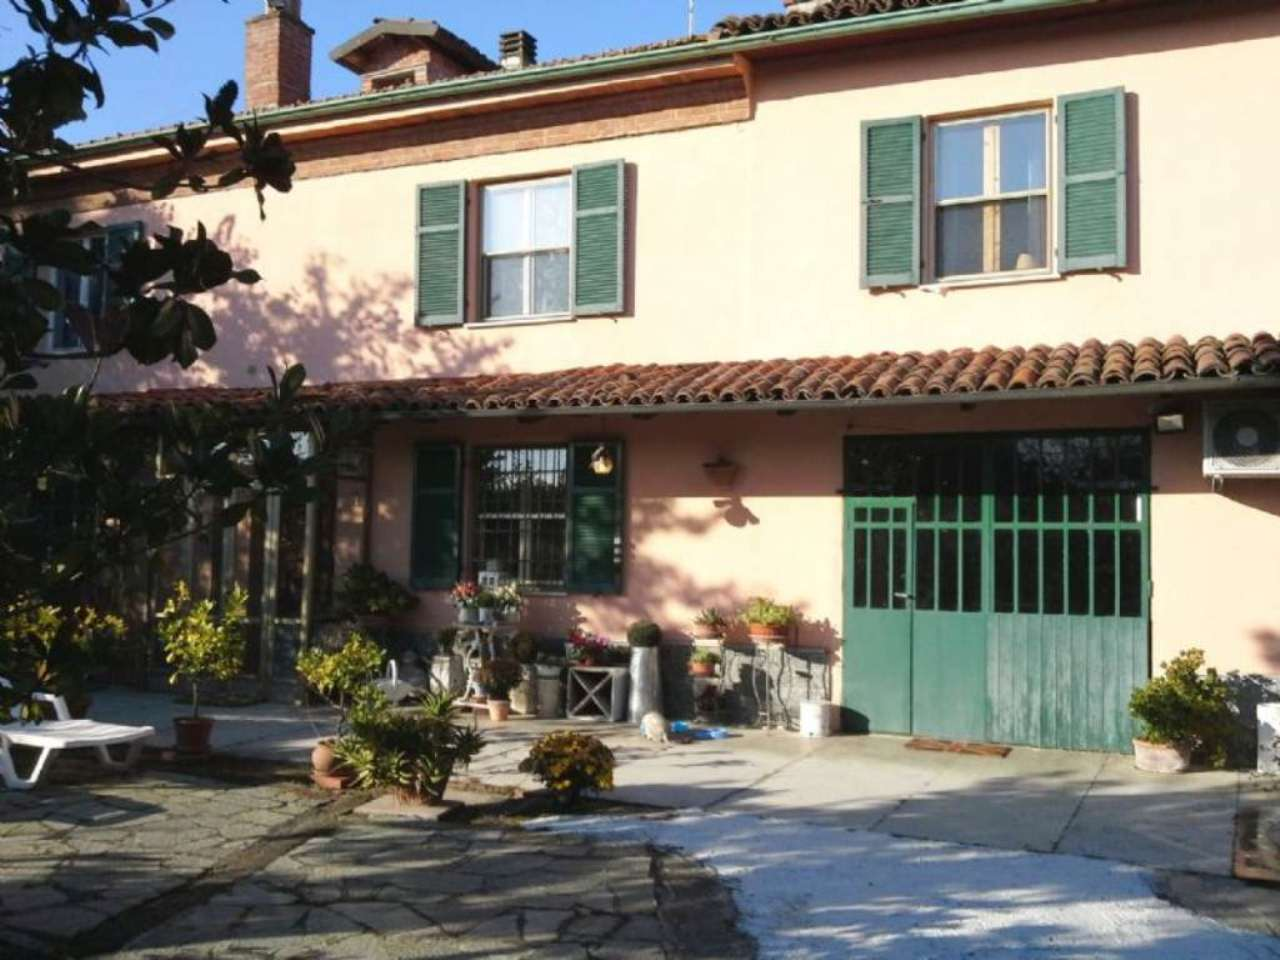 Soluzione Semindipendente in vendita a Cassine, 7 locali, prezzo € 155.000 | Cambio Casa.it